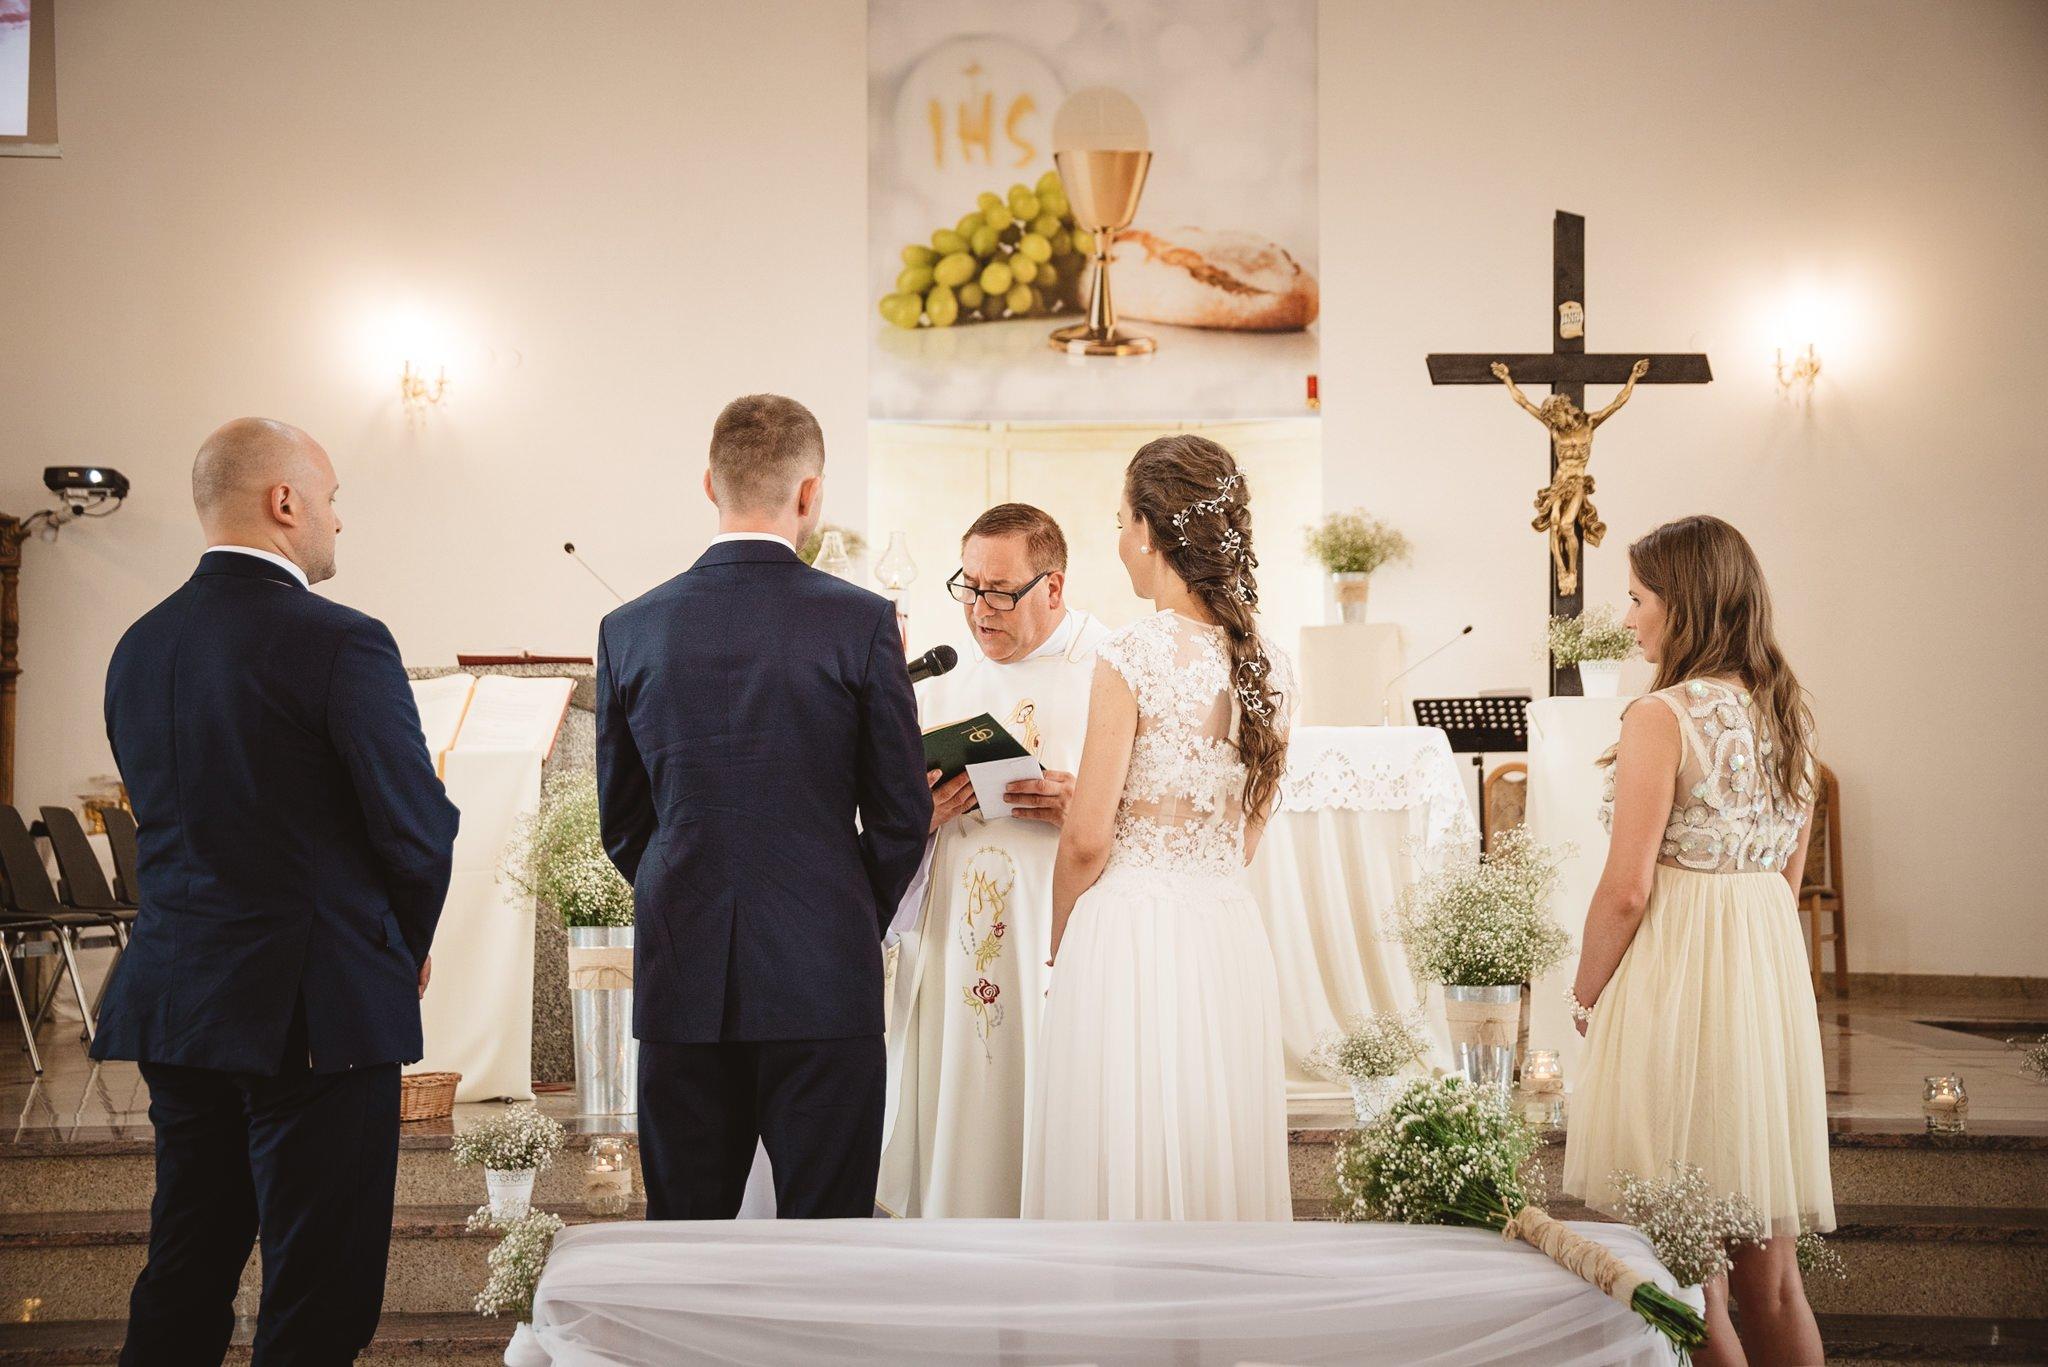 Ala i Arek, czyli jak zorganizować ślub i wesele w 4 tygodnie! 89